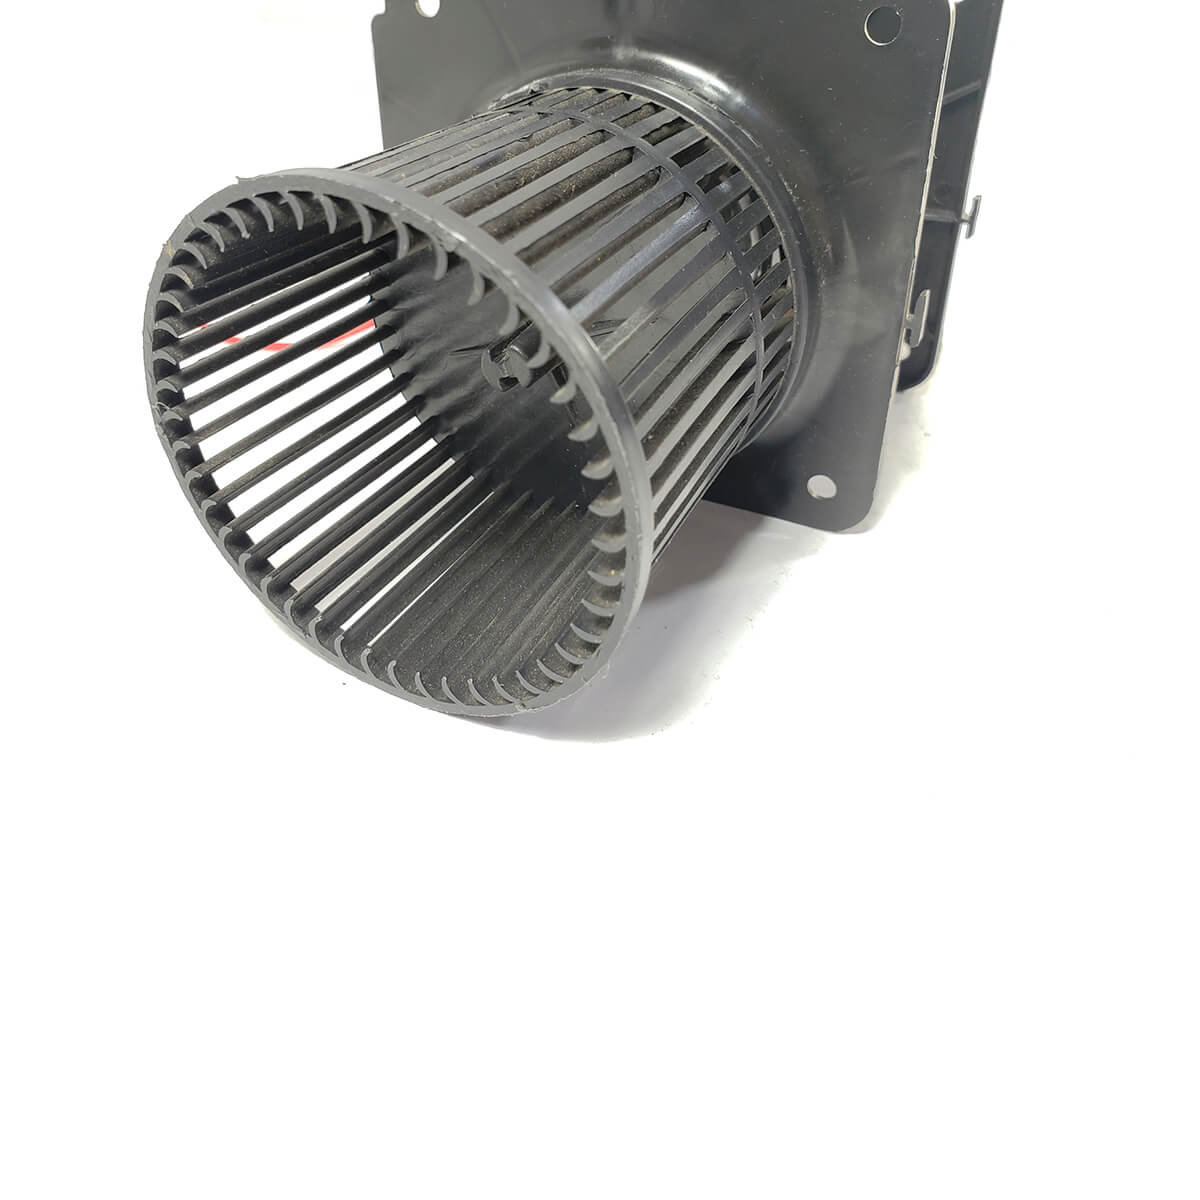 Motor Exaustor Para Depurador Suggar 127V  70 Watts